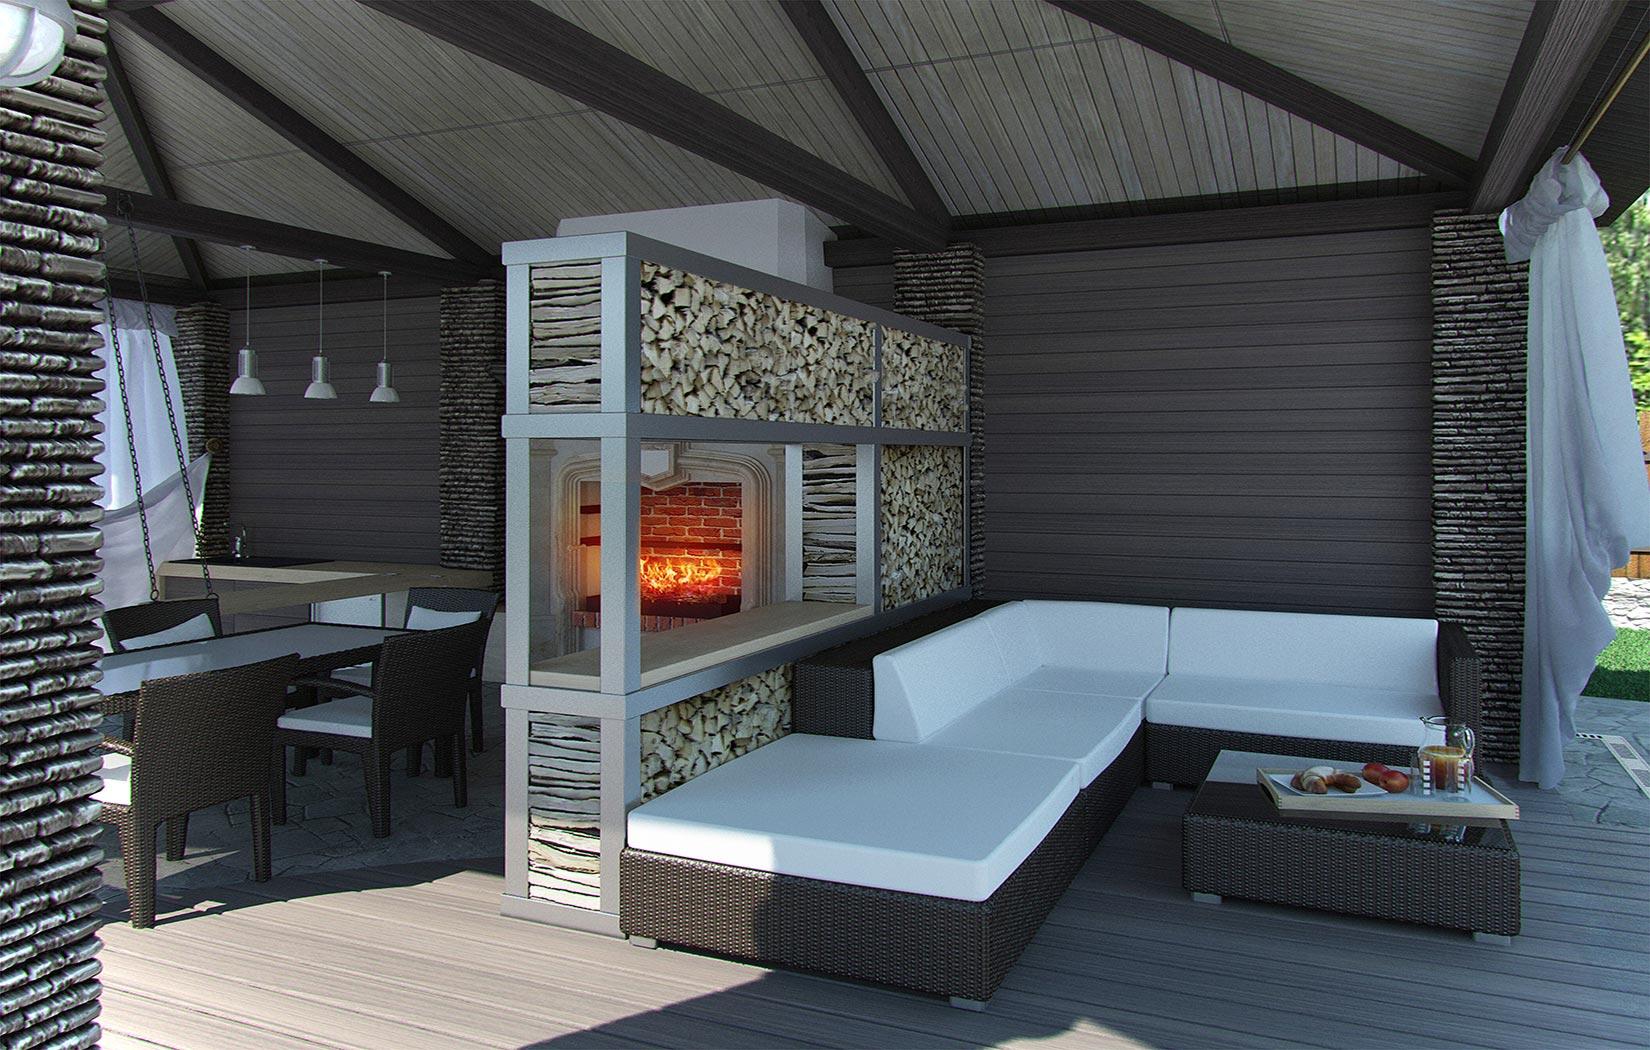 wpc zaun erfahrungen wpc zaun sand von wpc zaun erfahrungen schema moderne sichtschutz wpc. Black Bedroom Furniture Sets. Home Design Ideas